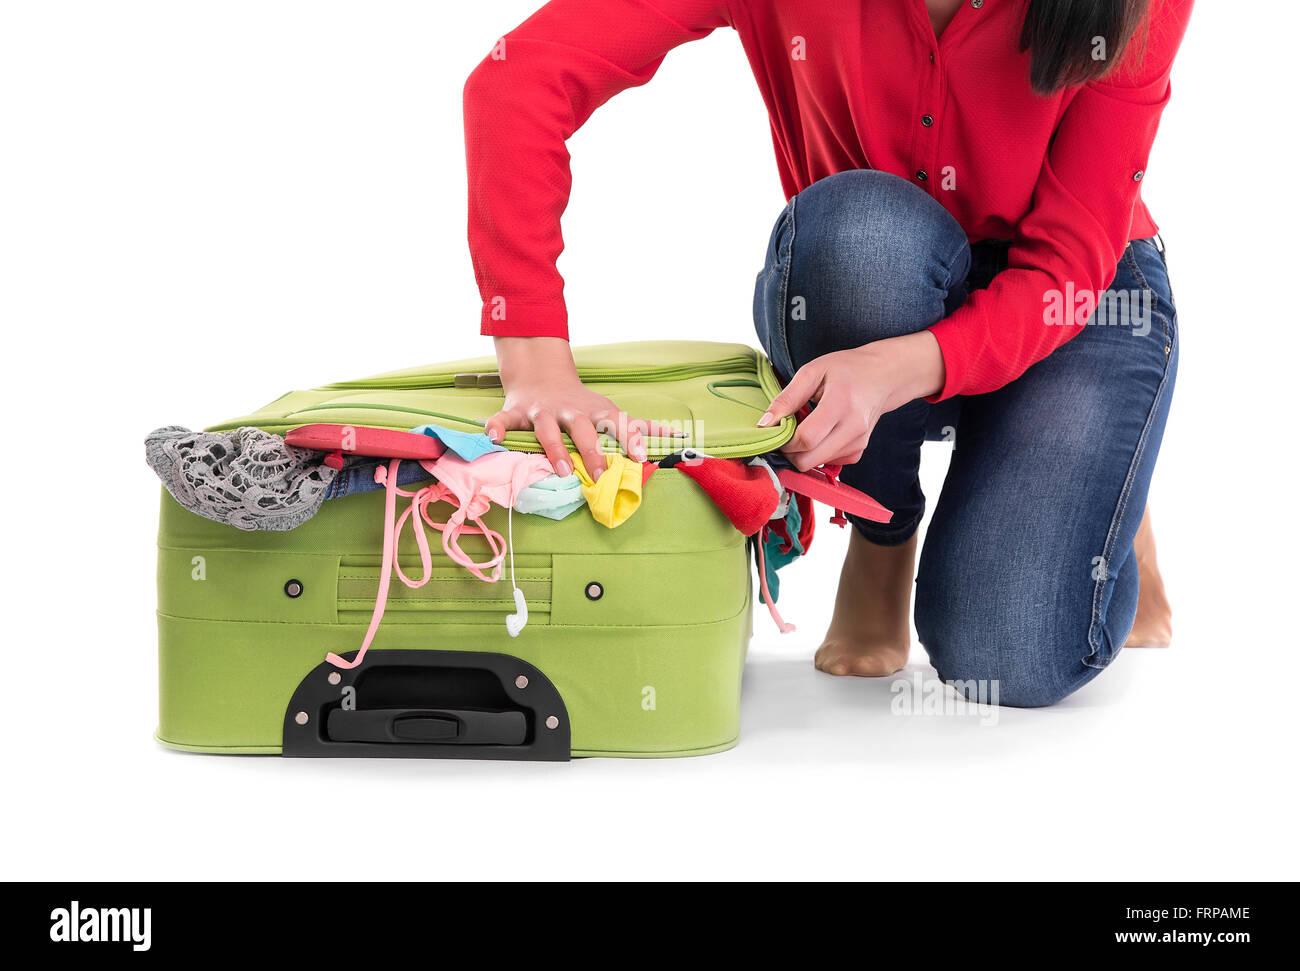 Difficile per pack traboccante valigia. Su uno sfondo bianco. Immagini Stock